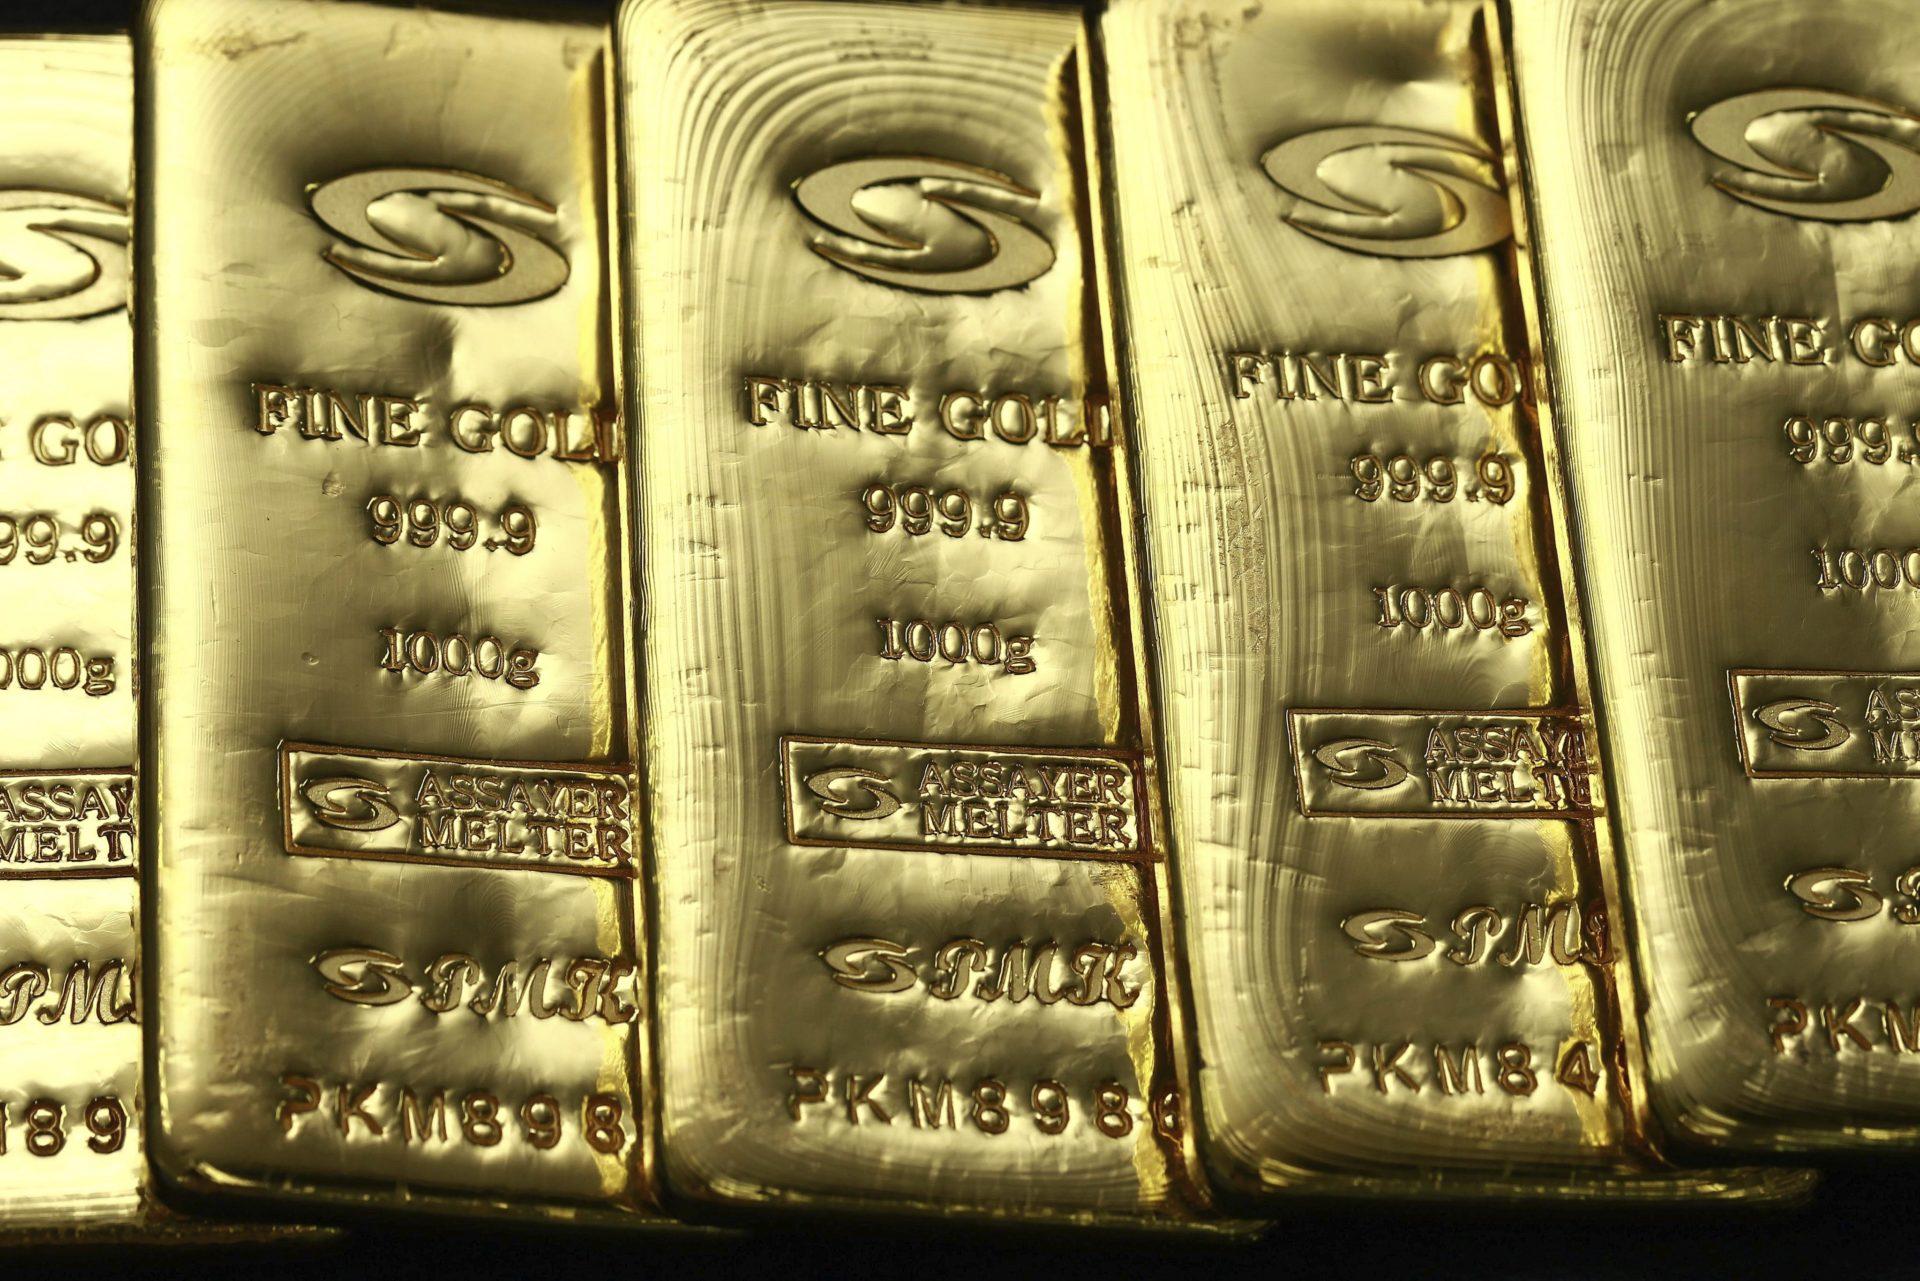 Lingotes de oro: Cómo comprar uno para invertir | BBVA